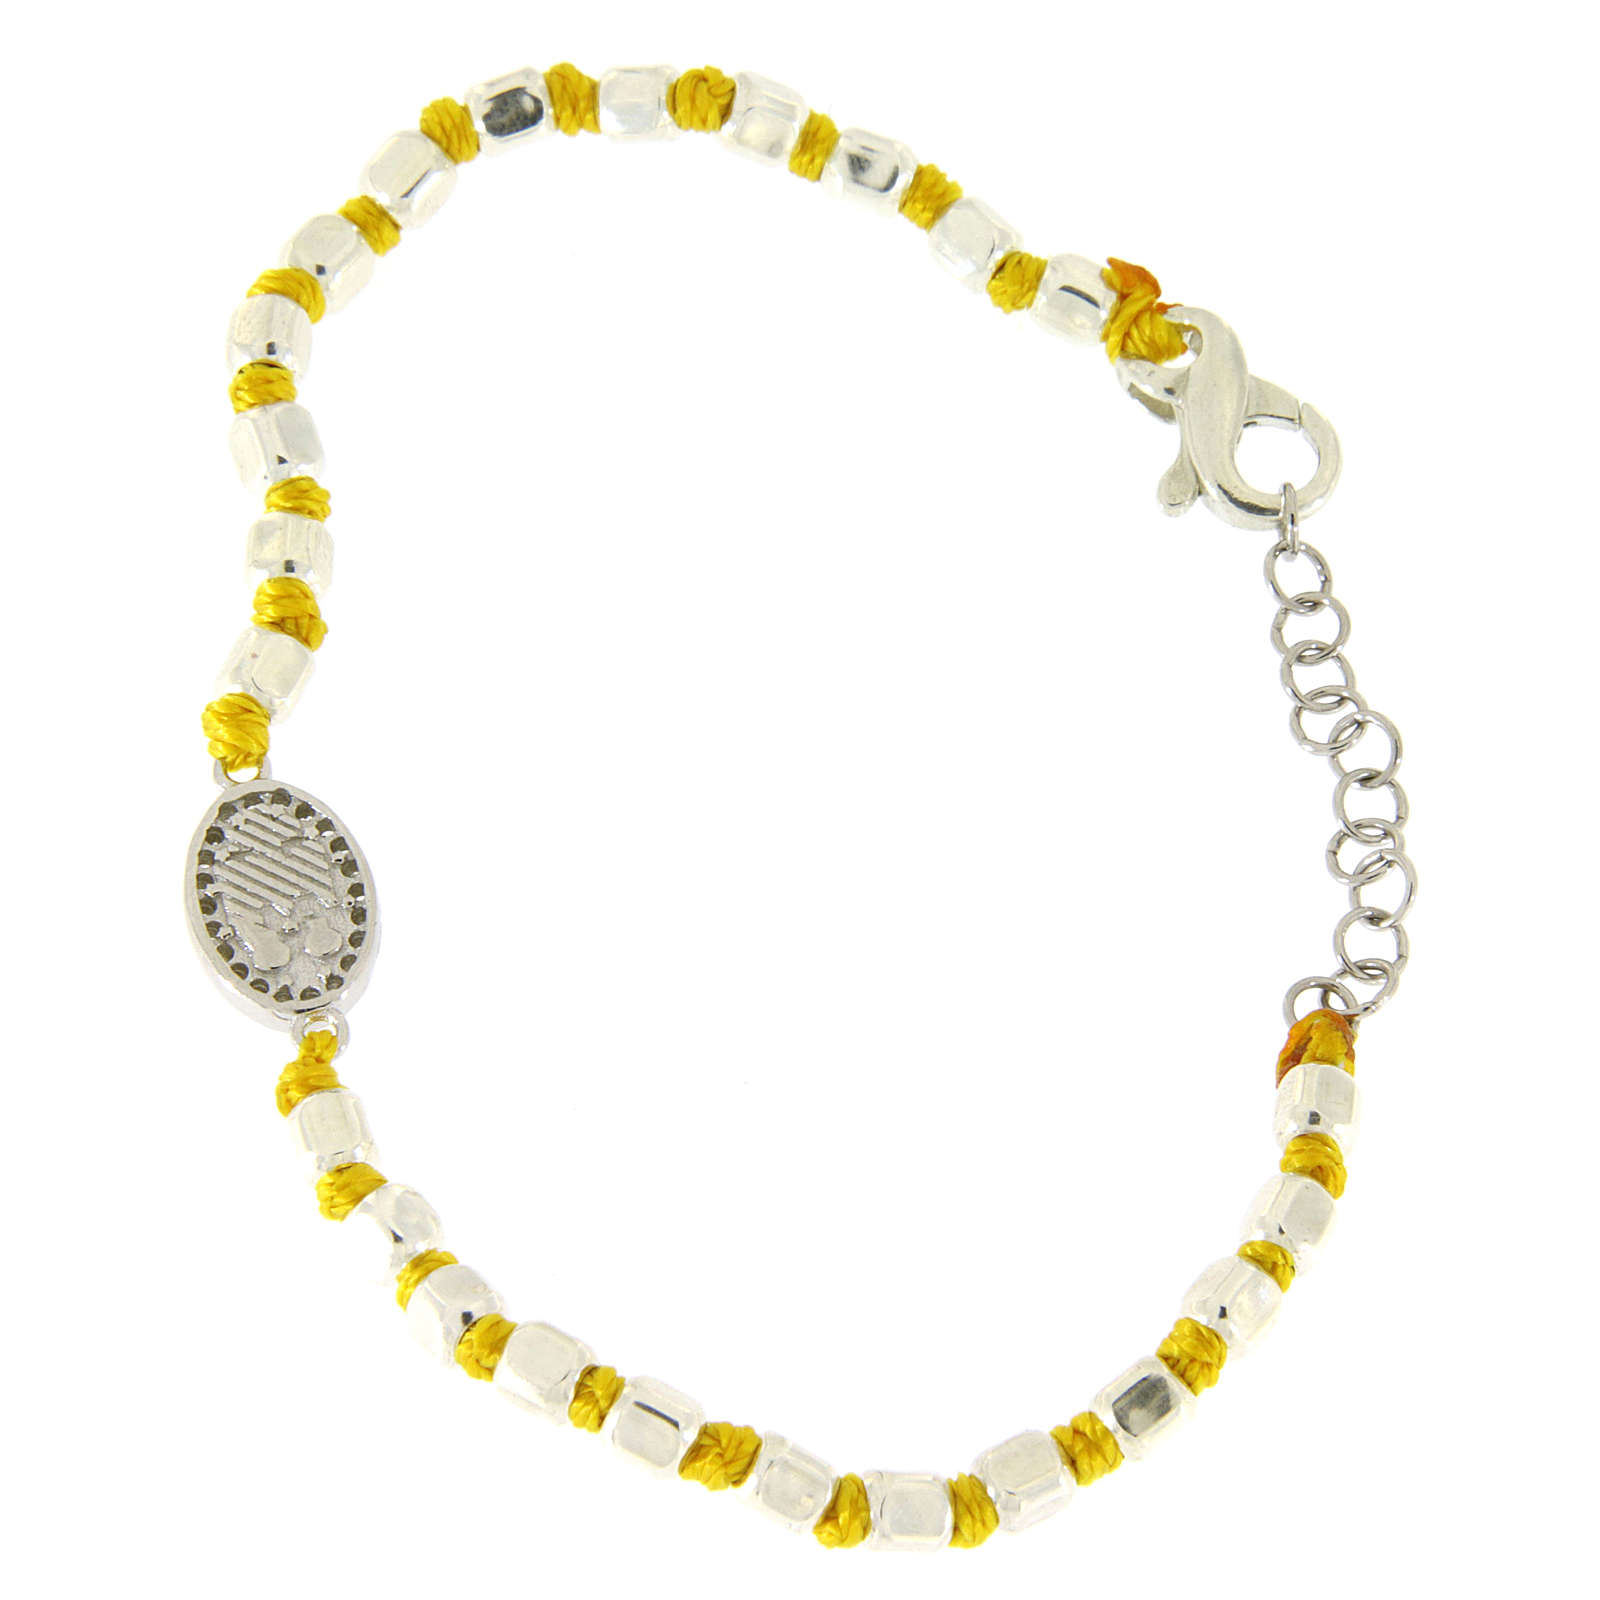 Pulsera esferas talladas plata 2 mm, nudos algodón amarillos, pequeña medalla S. Rita zircones blancos 4